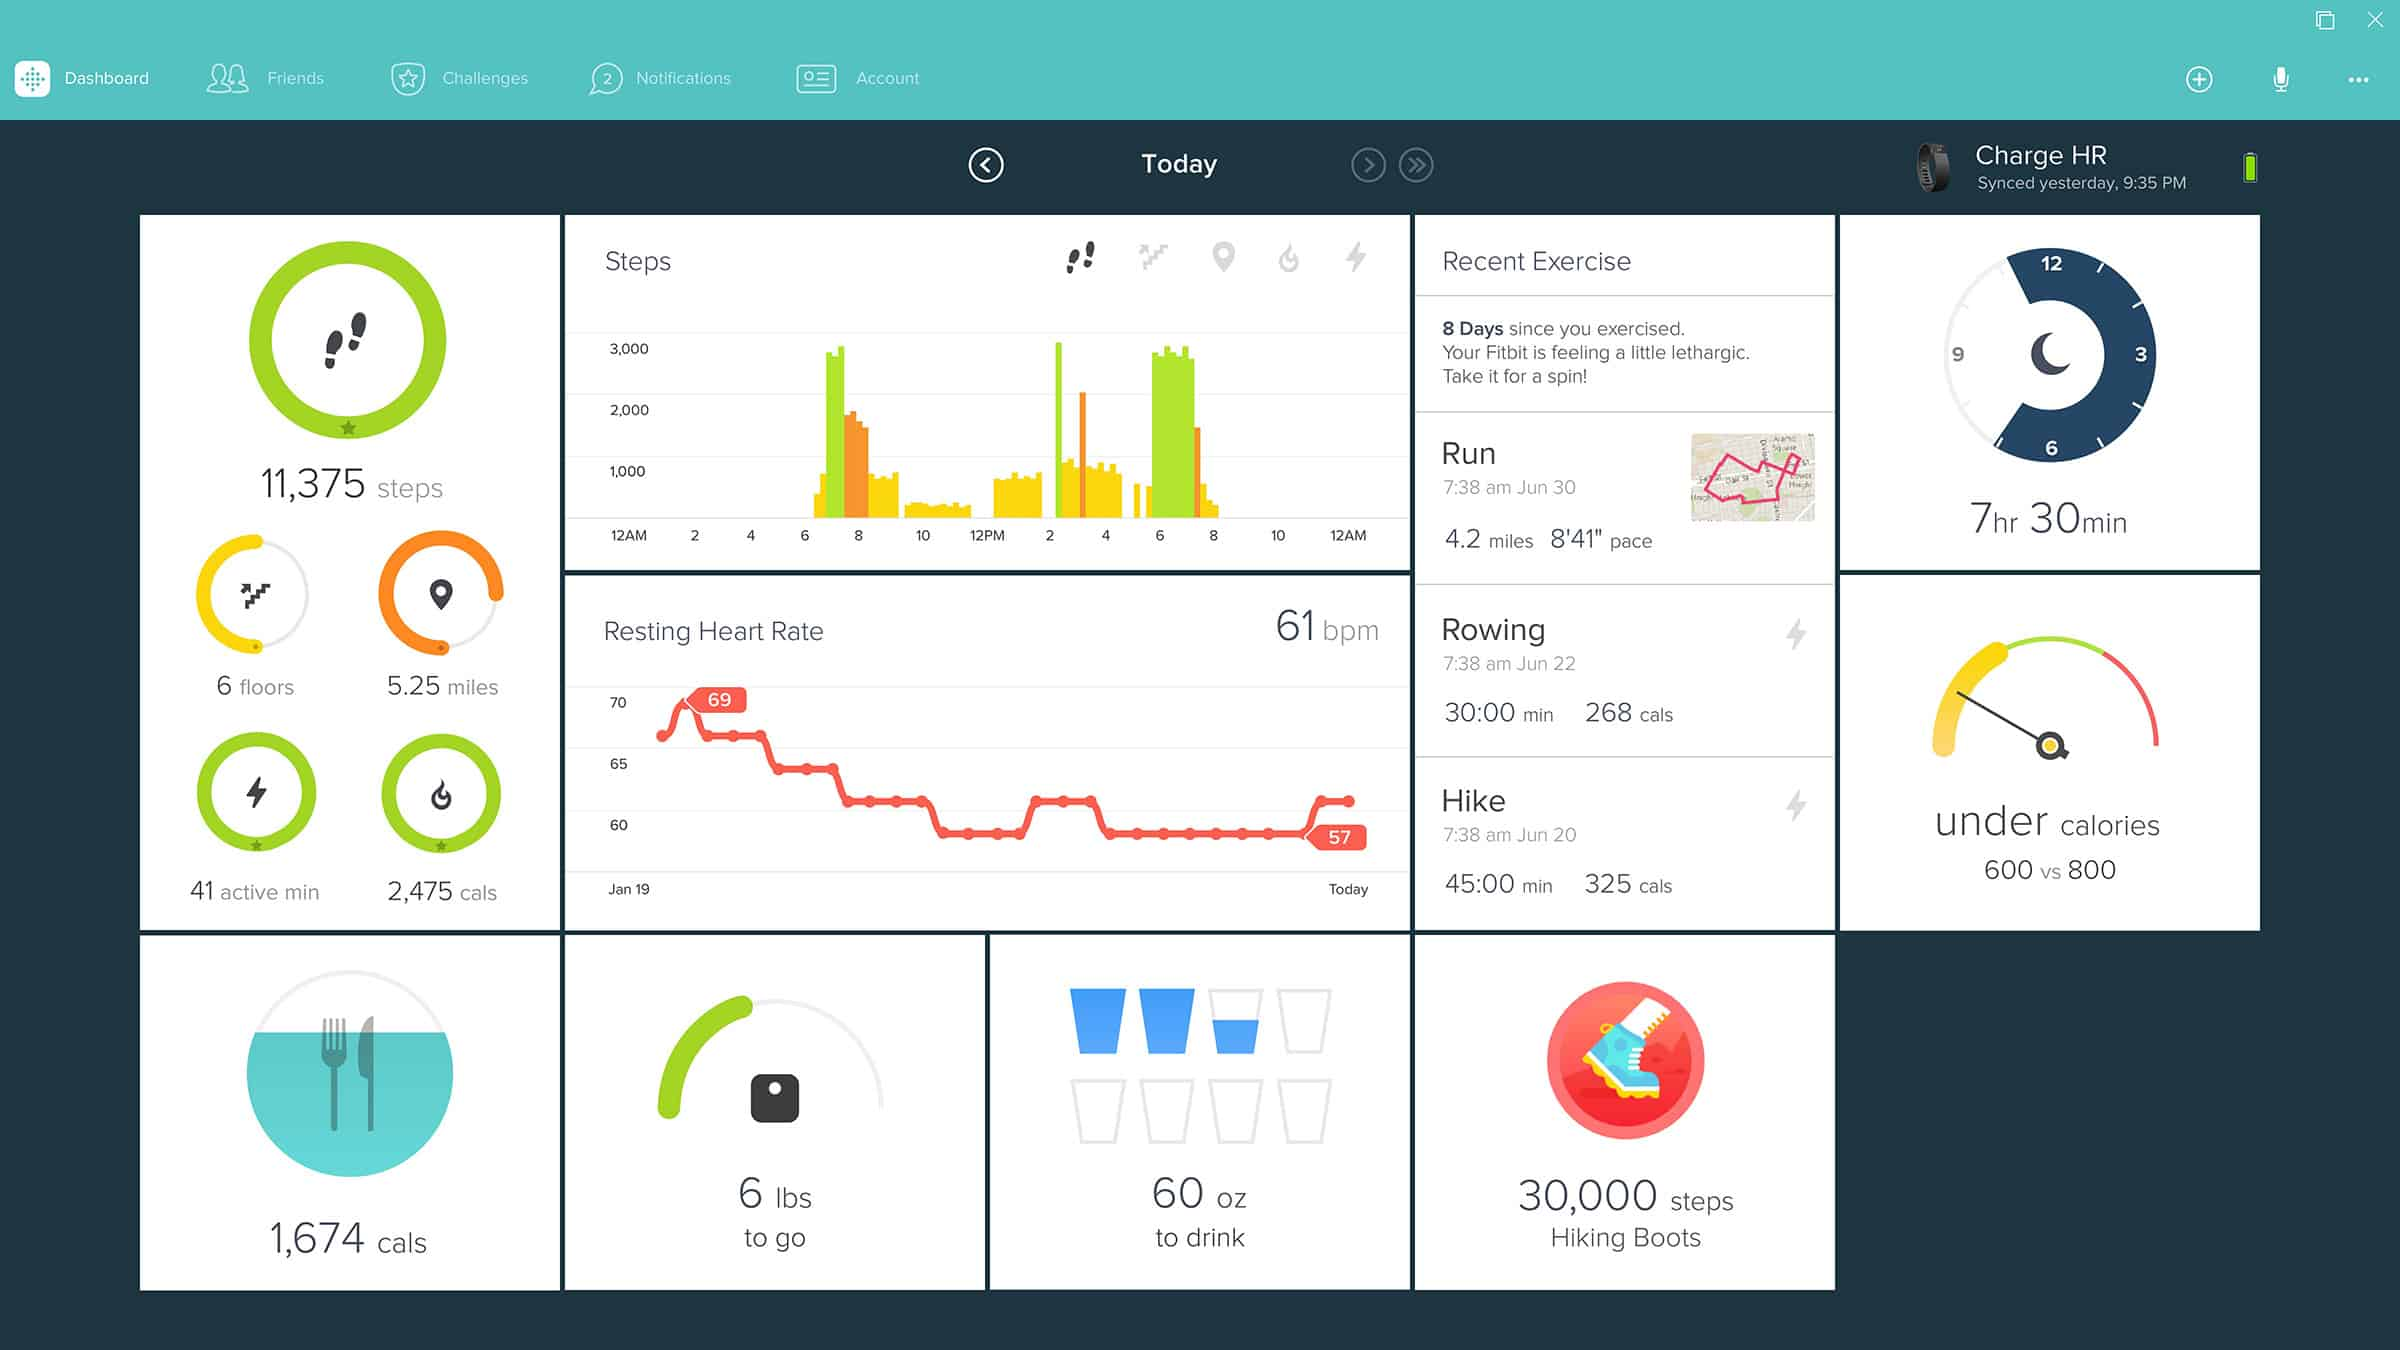 รูป Fitbit Desktop dashboard ประกอบเนื้อหา Fitbit ออกแอพพลิเคชั่นสำหรับ Windows 10